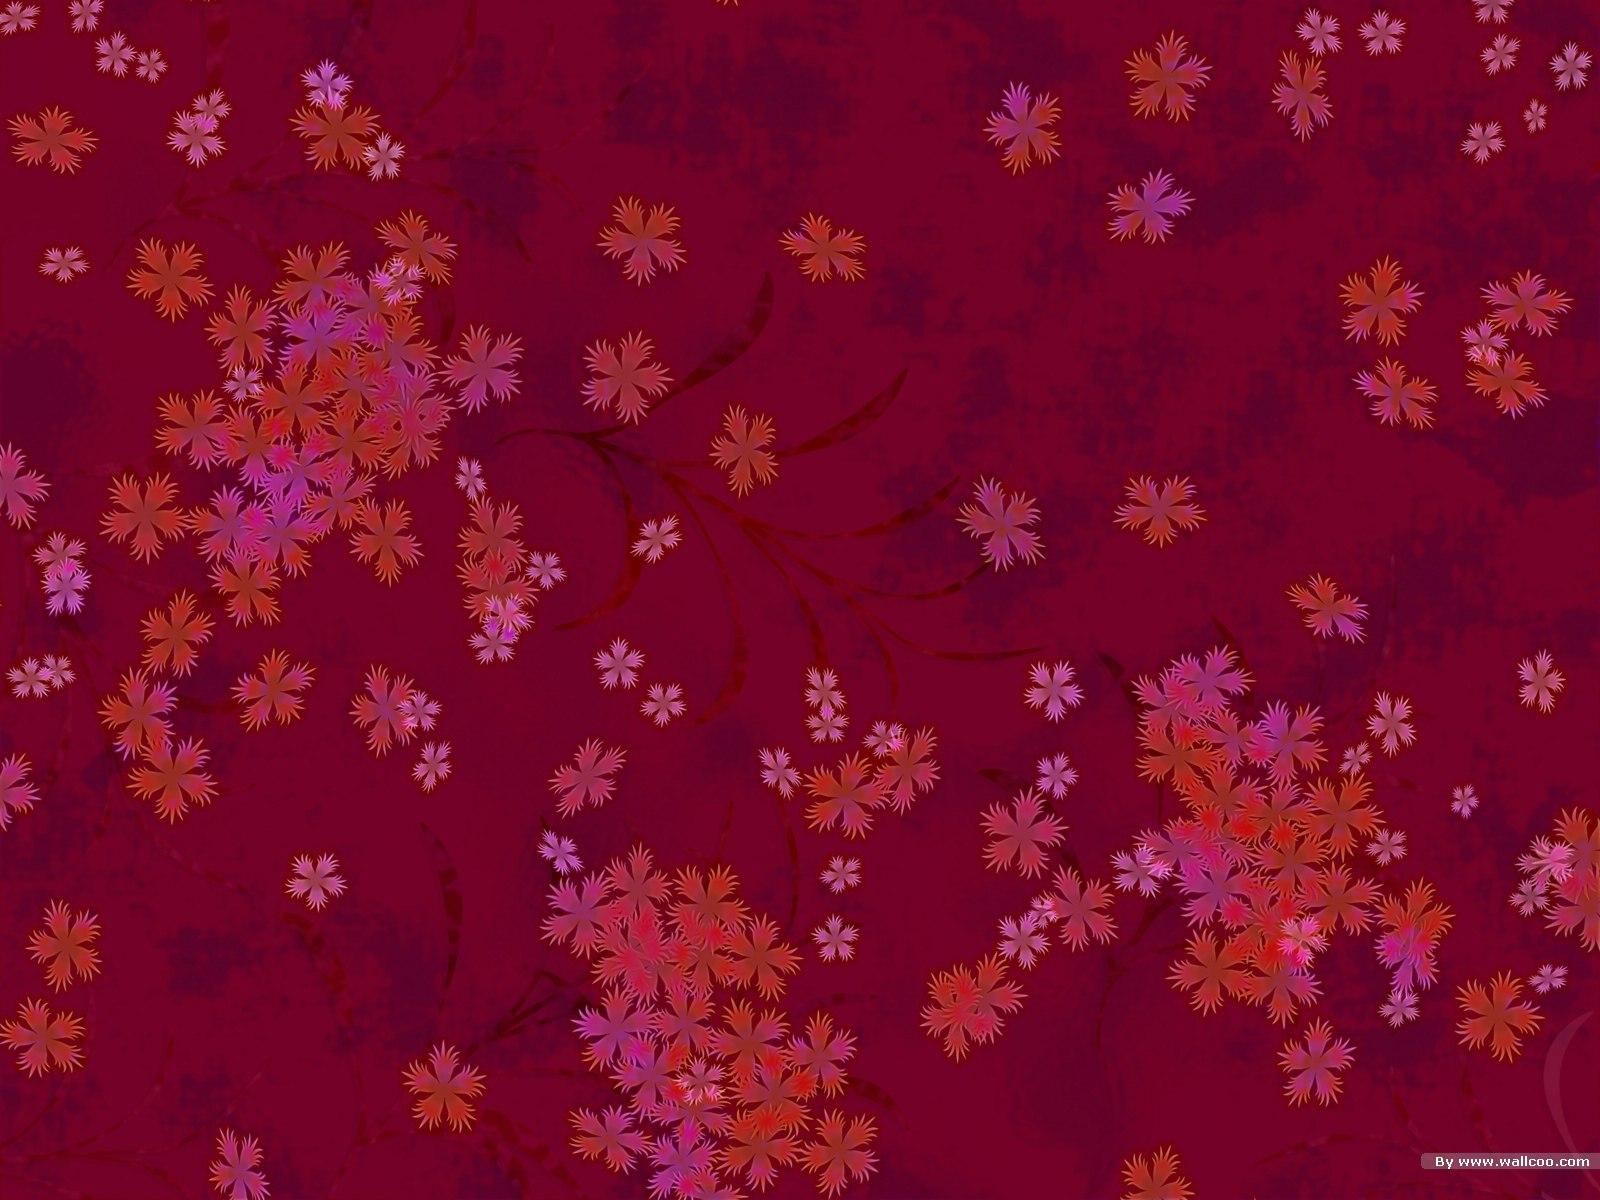 漂亮的樱花花瓣背景图片素材